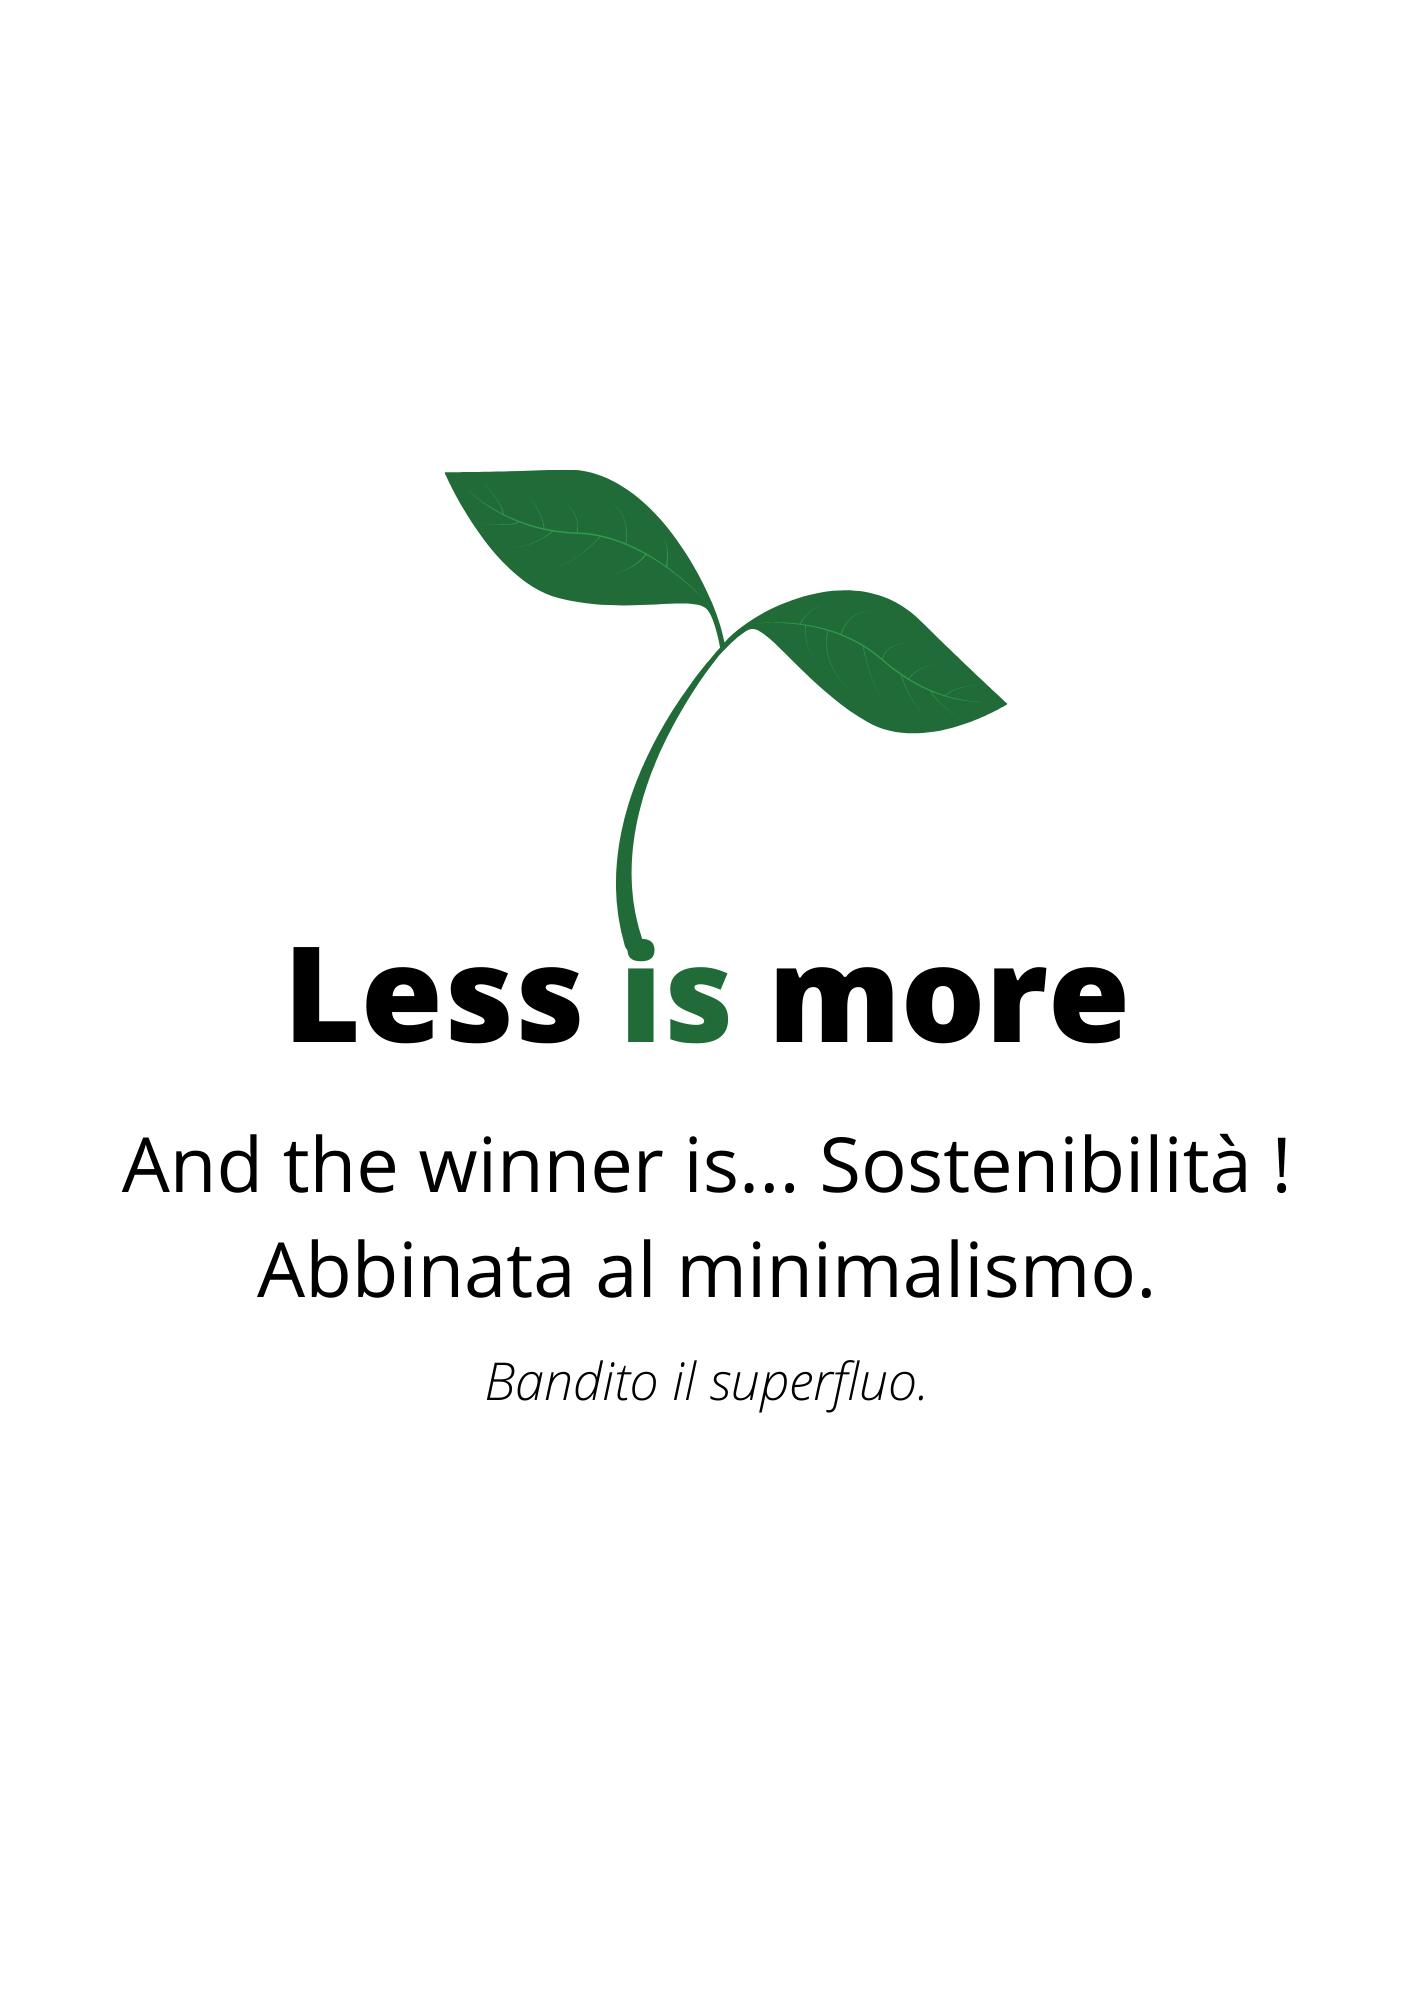 Less is more. Prodotti sostenibili abbinati al minimalismo